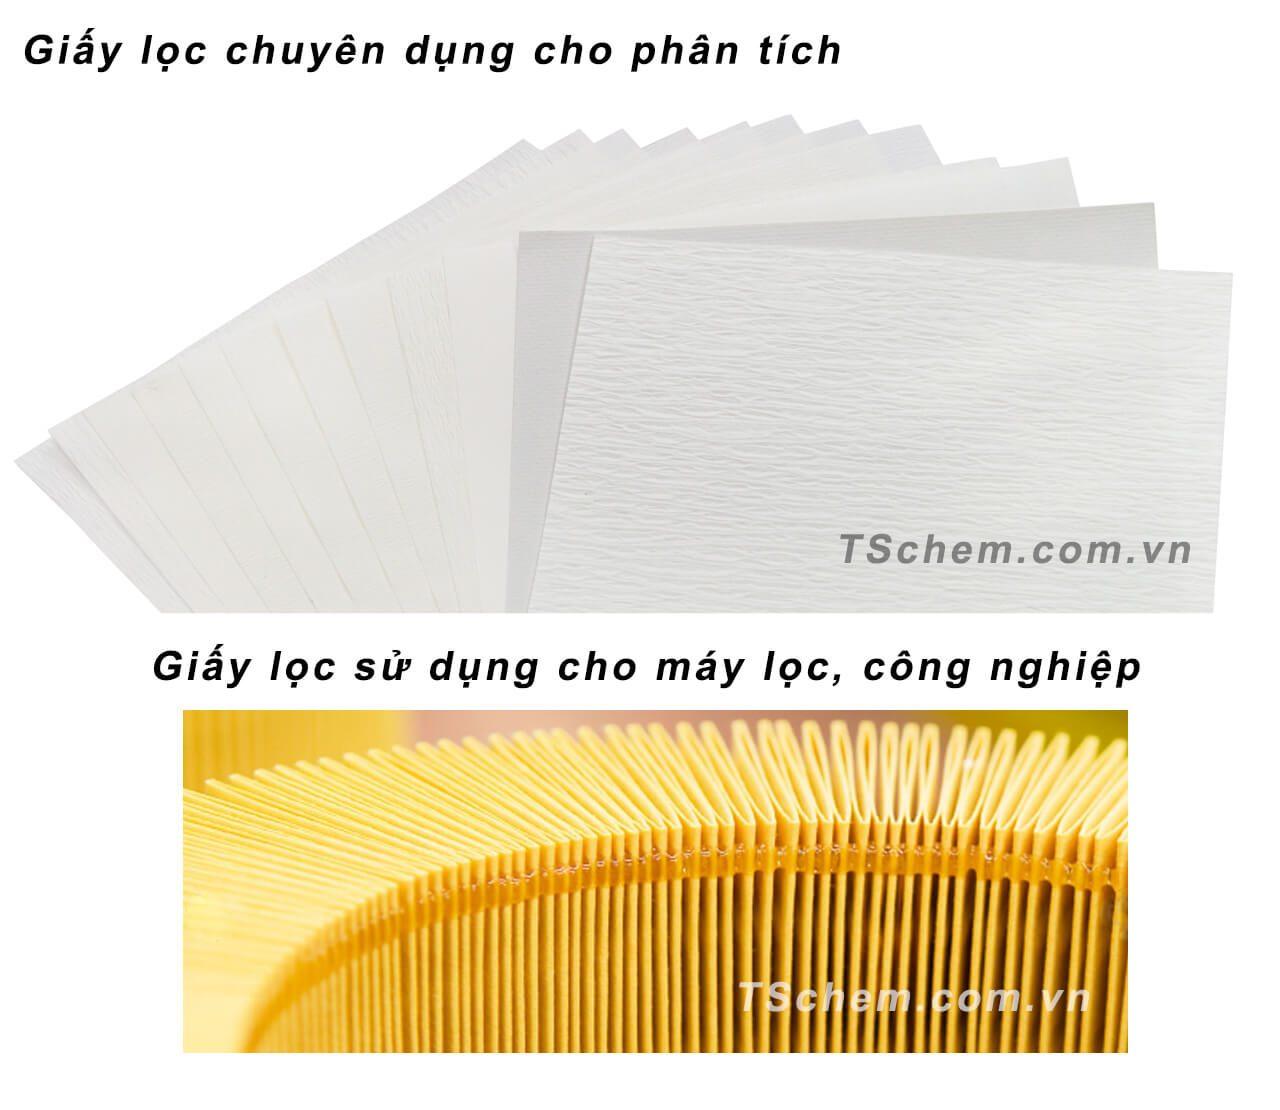 Một số loại giấy lọc phổ biến